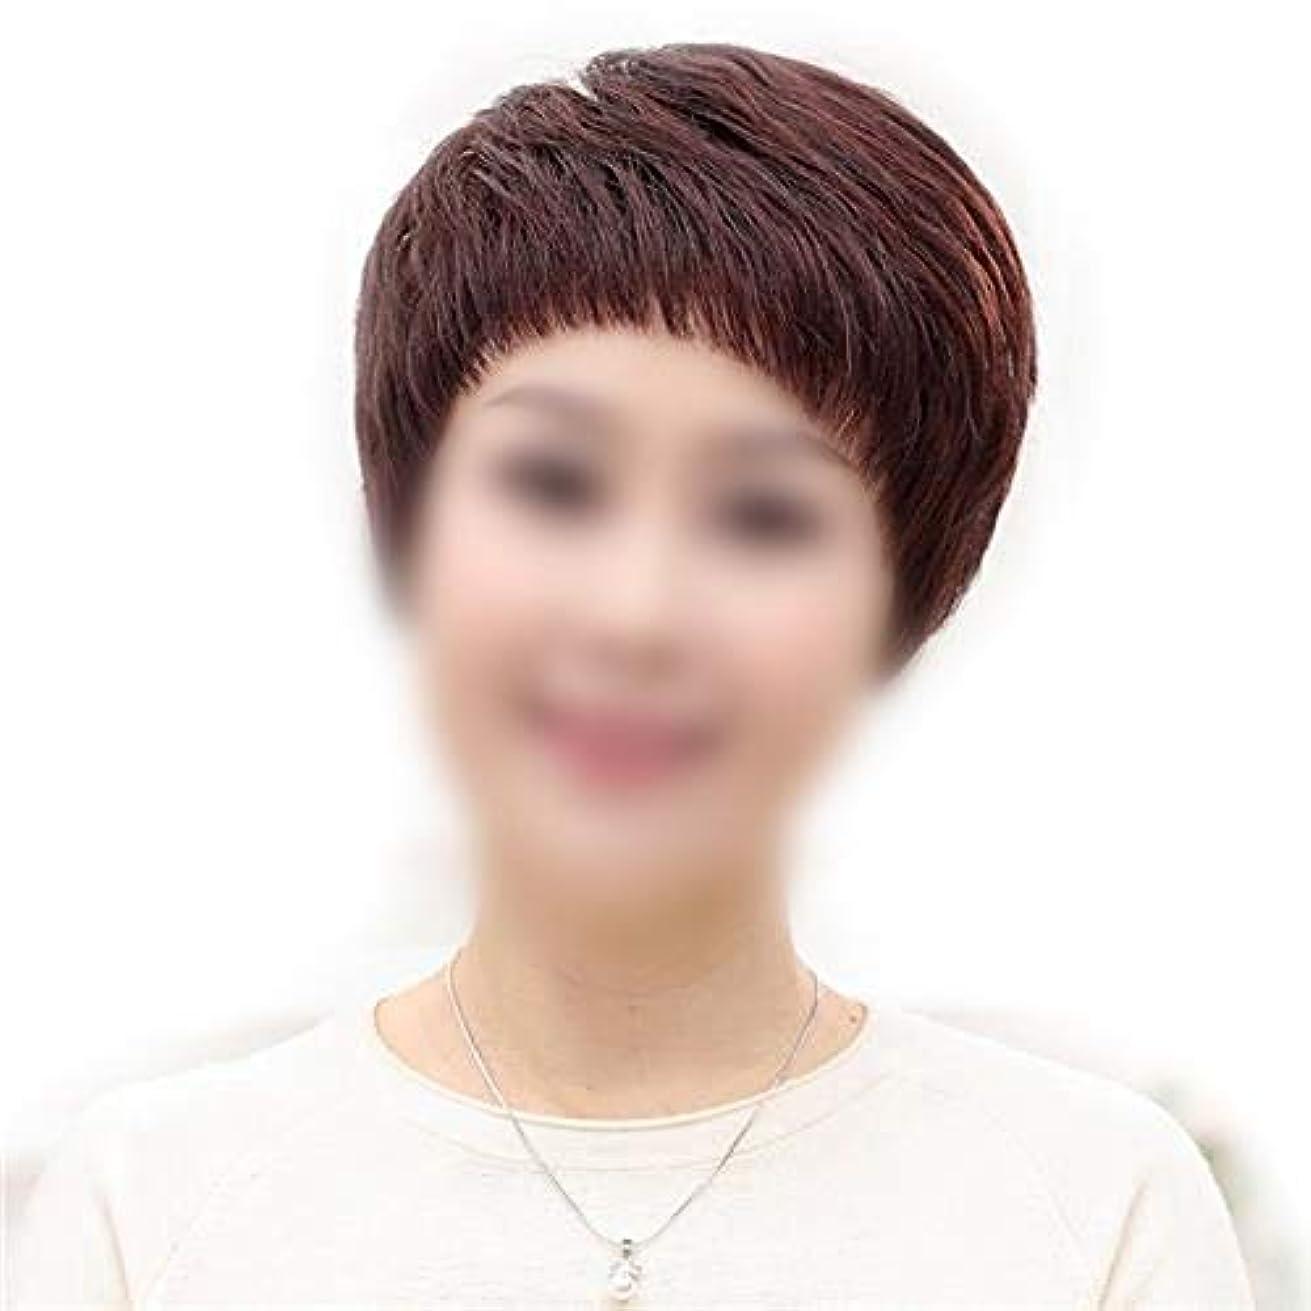 完璧なマットジャグリングYOUQIU 女子ショートストレート髪のフルハンド織実ヘアウィッグデイリードレスウィッグ (色 : Natural black)